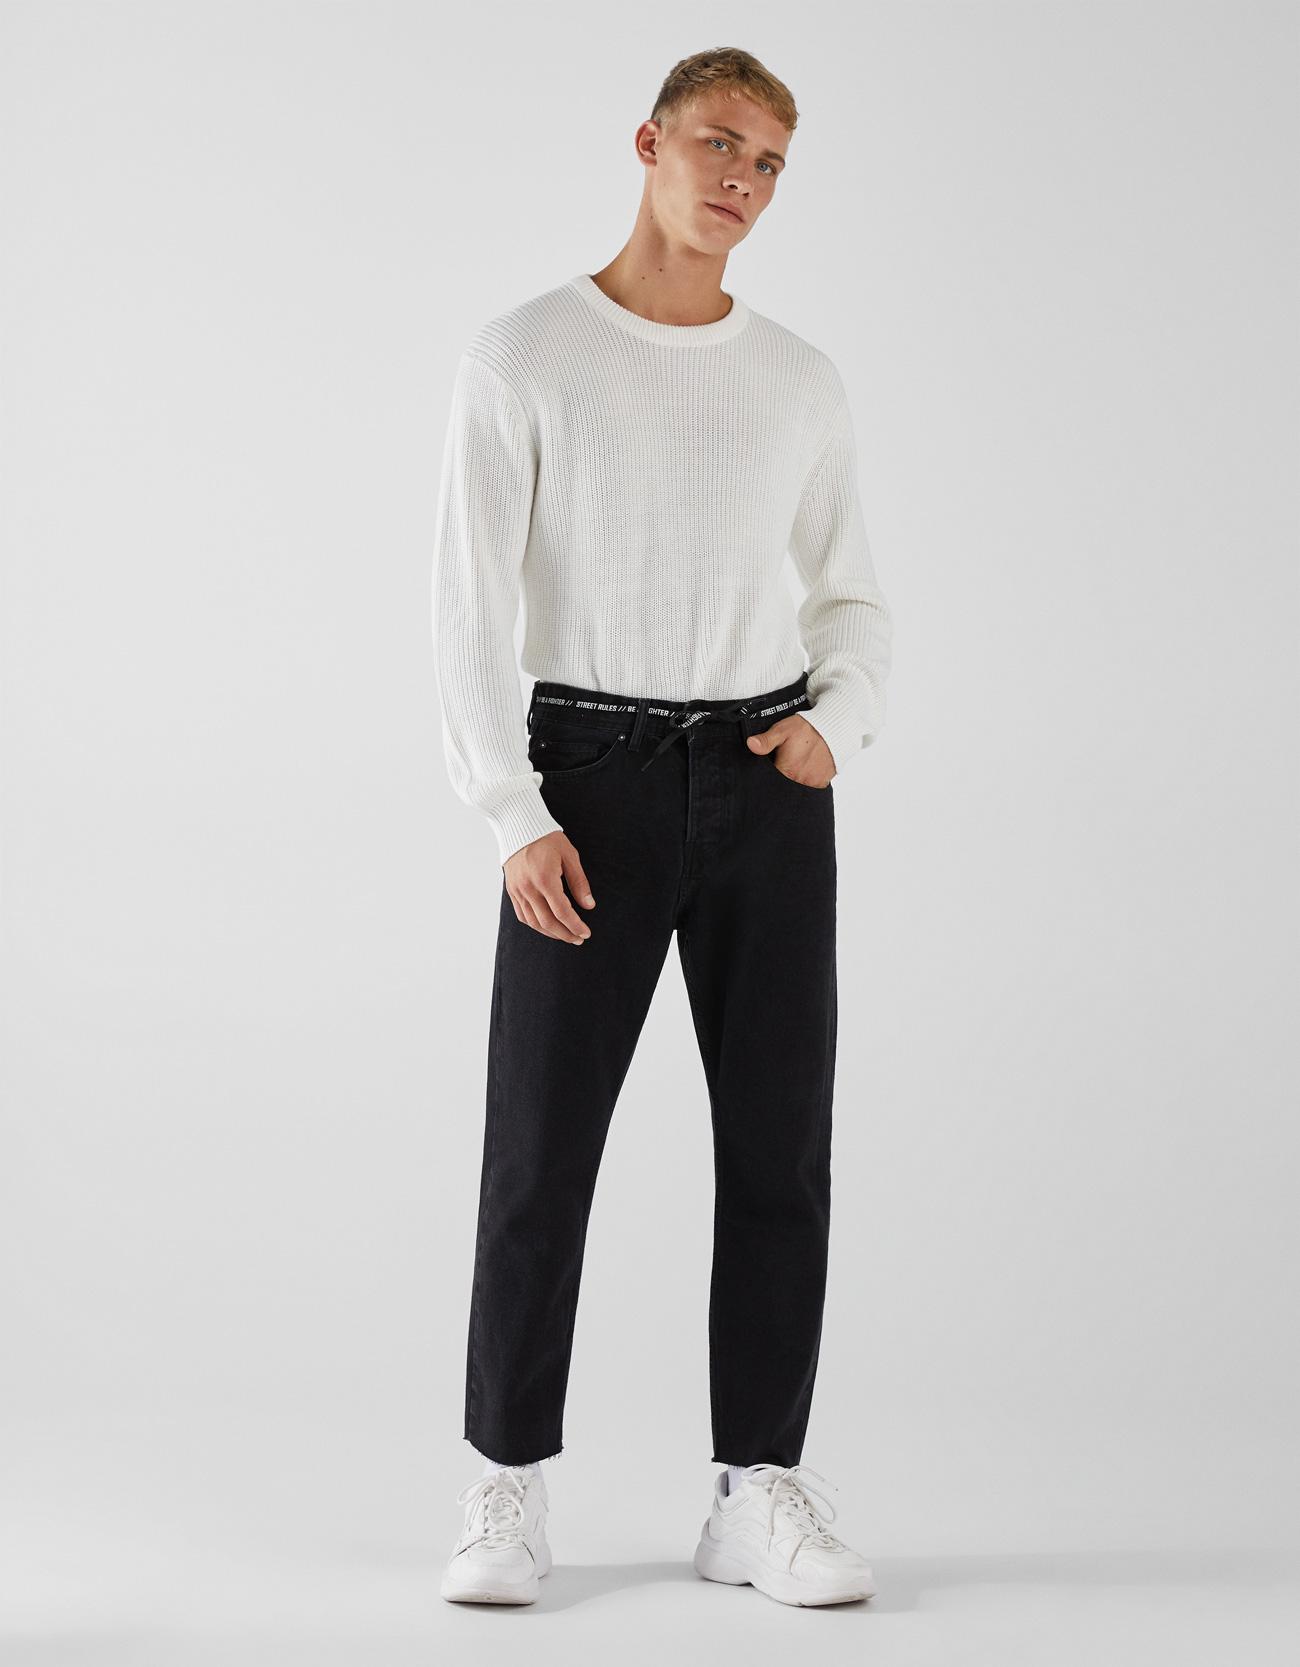 Cropped Jeans im Slim-Fit mit Kordel